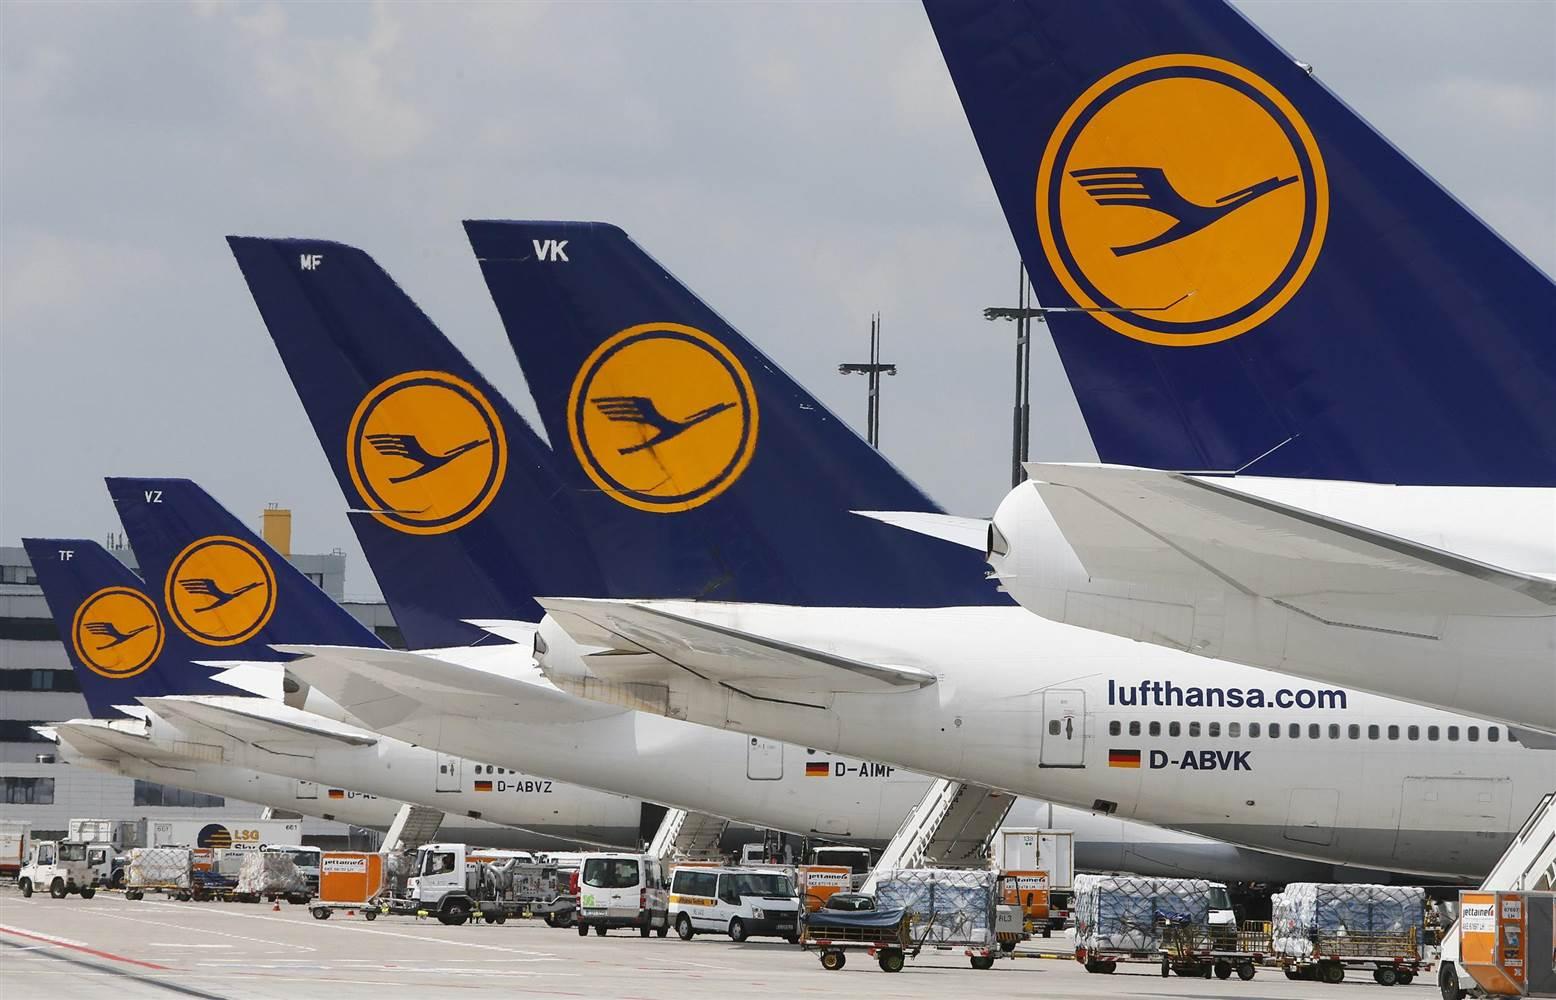 Lufthansa: Σε 5 μέρες ανοίγει ο δορυφορικός τερματικός σταθμός στο αεροδρόμιο Μονάχου